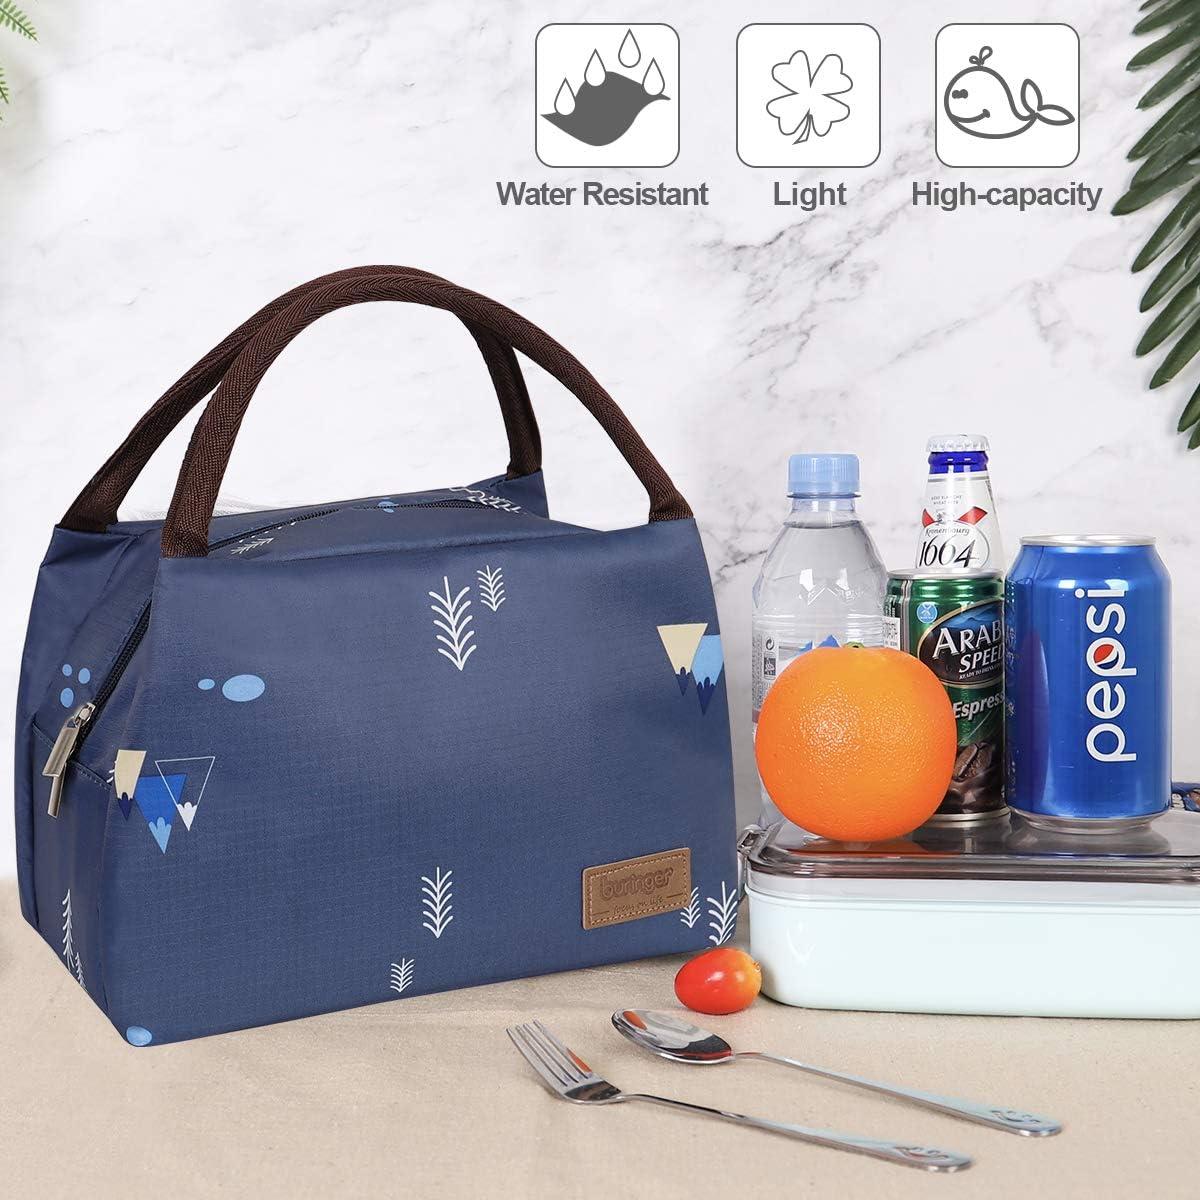 Studenten und Kinder Newox buringer Lunchtasche Lunch Bag s/ü/ße K/ühltasche f/ür Lunchboxen Wasserdichtes Gewebe Faltbare Picknick-Handtasche f/ür Frauen Erwachsene